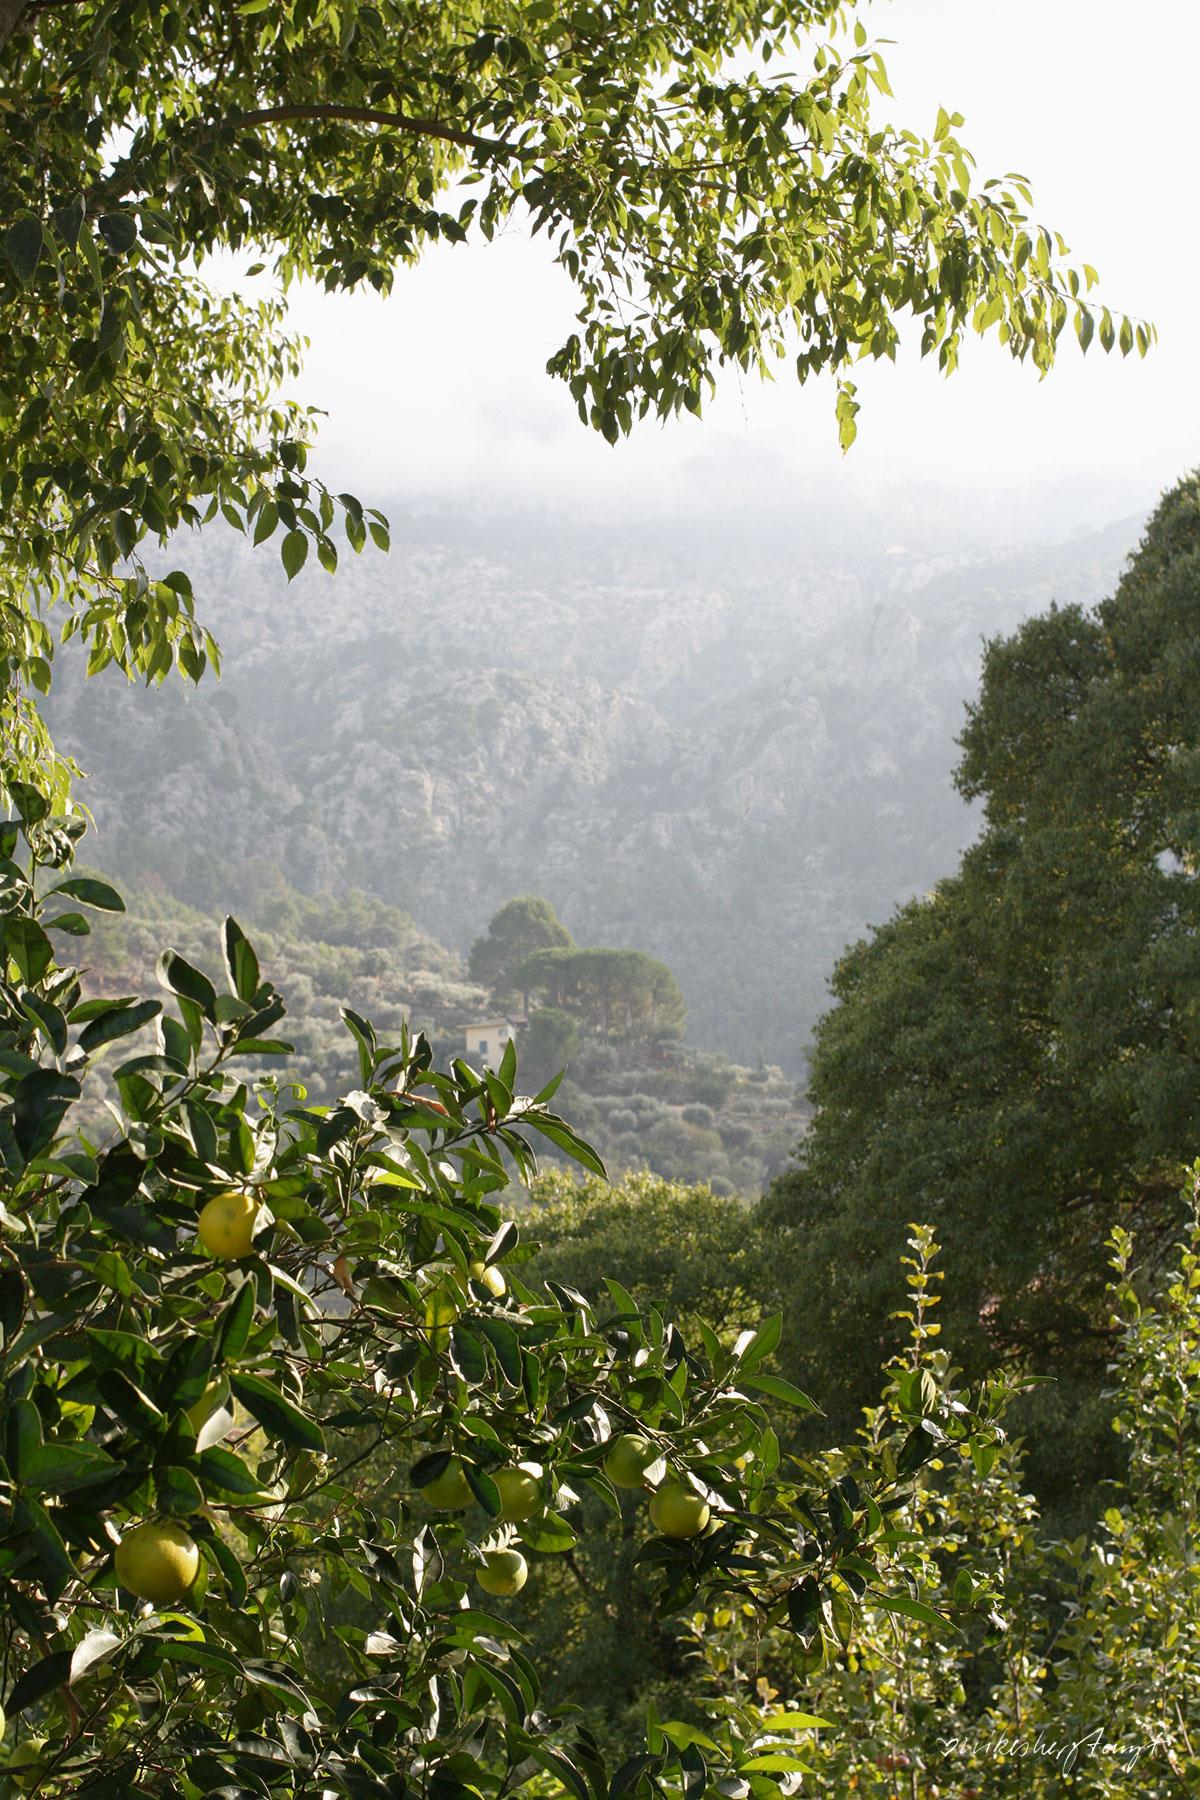 Ein Rundgang mit Gründer Franz Kraus über die Zitrusplantage Finca Ecovinyassa auf Mallorca, Fet a Sóller,